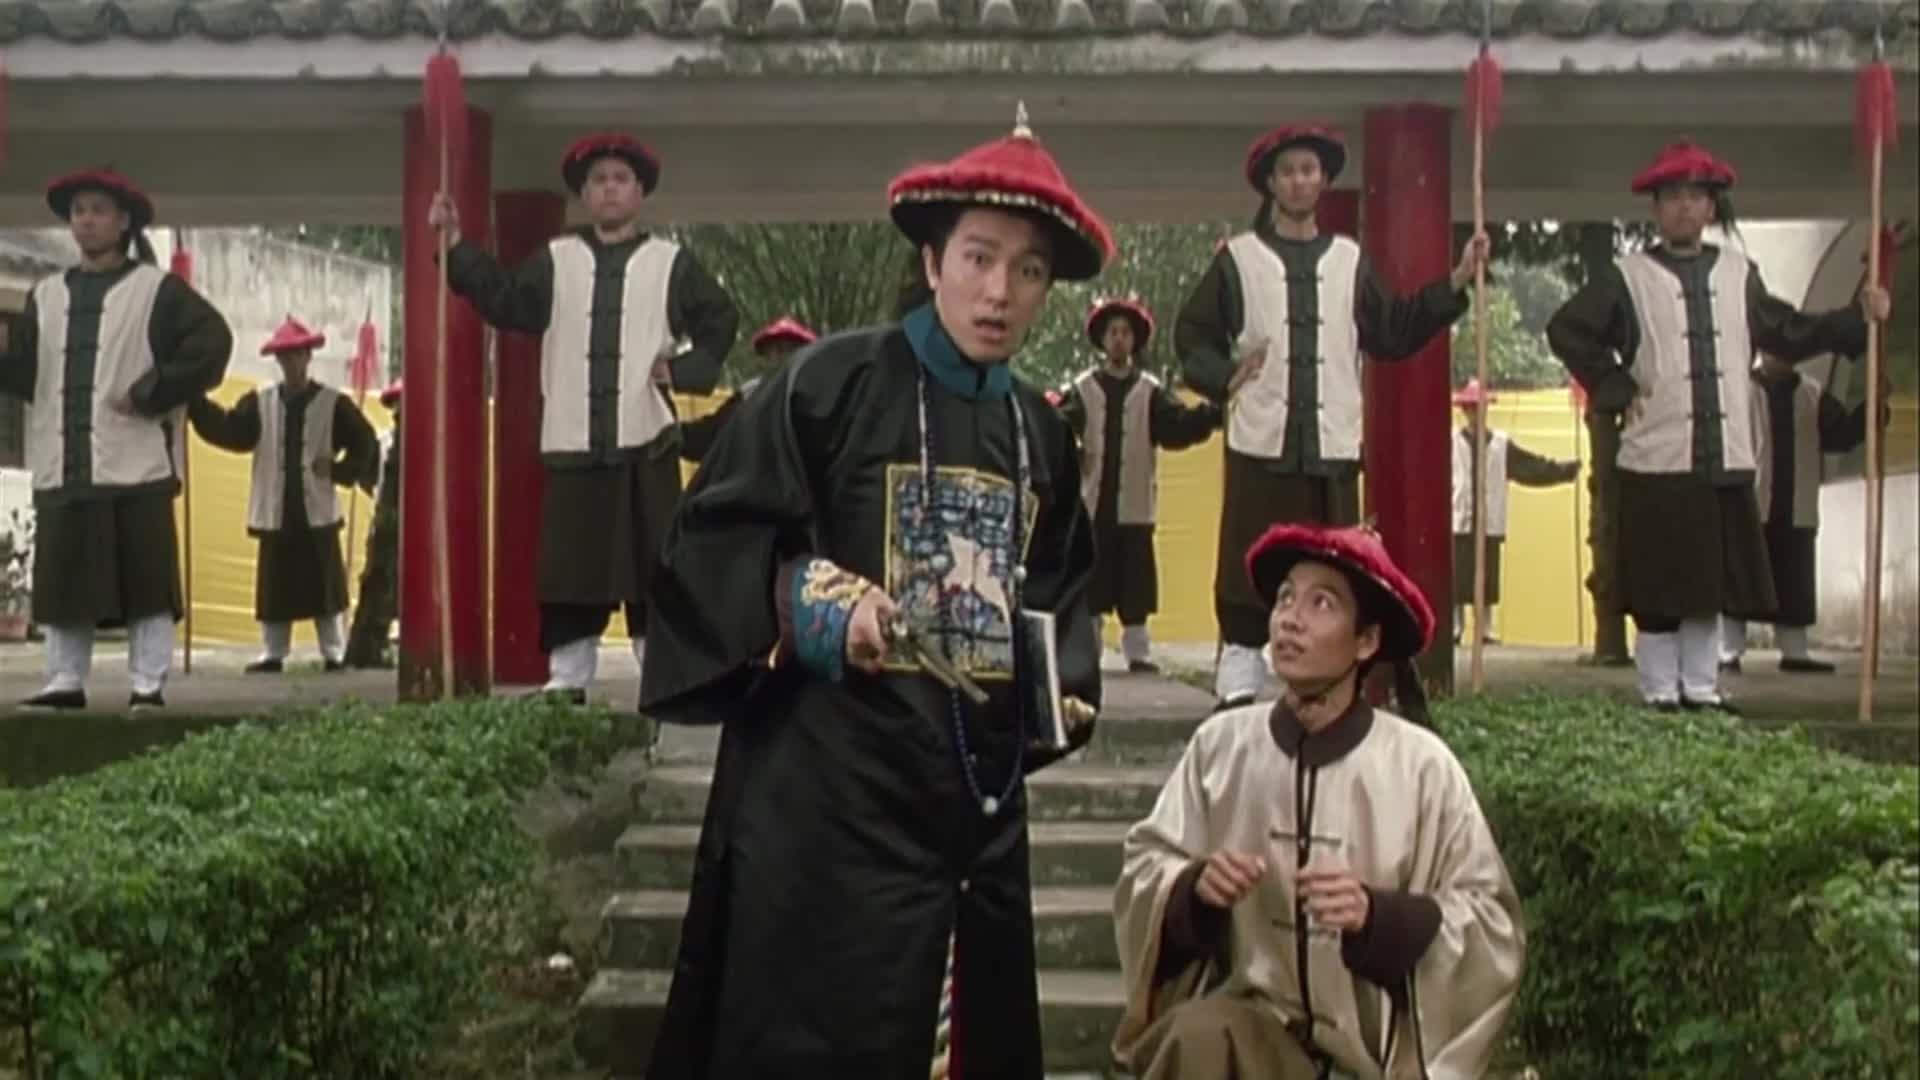 鹿鼎记:周星驰实在太贱了,把陈百祥打死还要抄他的家!笑喷